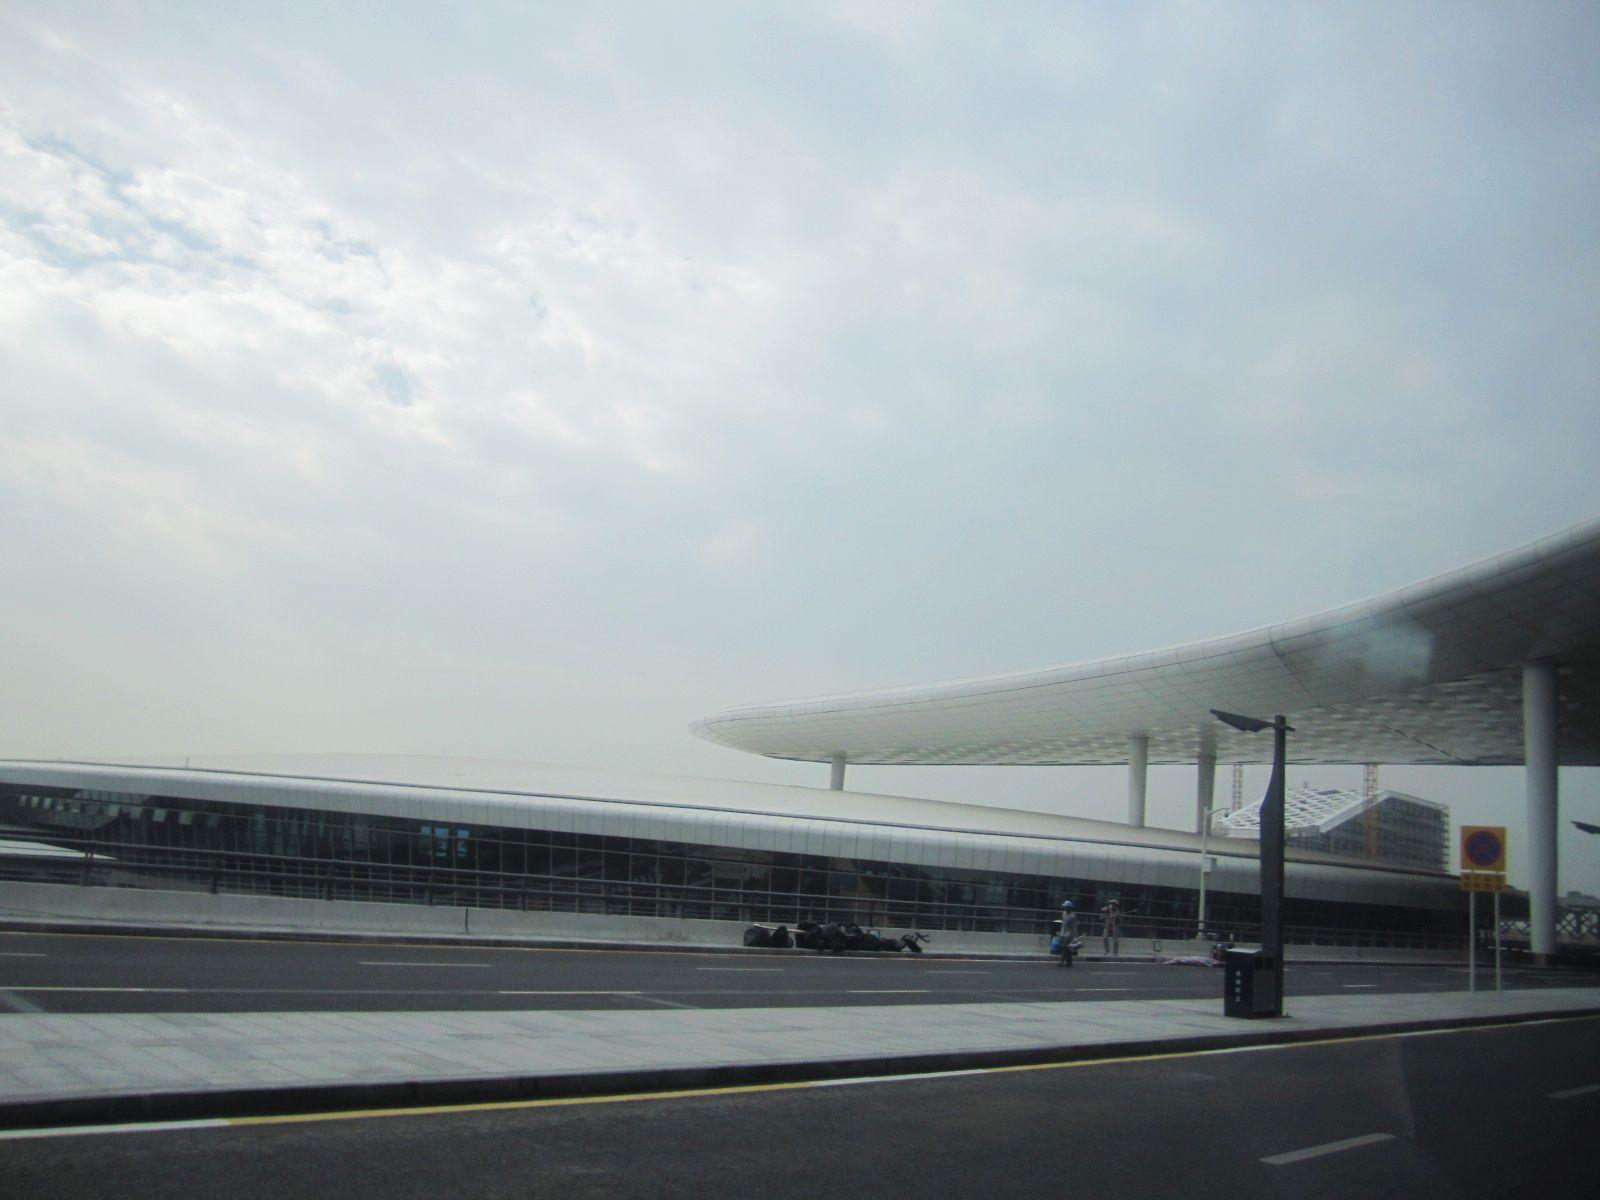 深圳机场t3航站楼地铁怎么坐图库 深圳机场t3航站楼 设计 深圳机场t3航